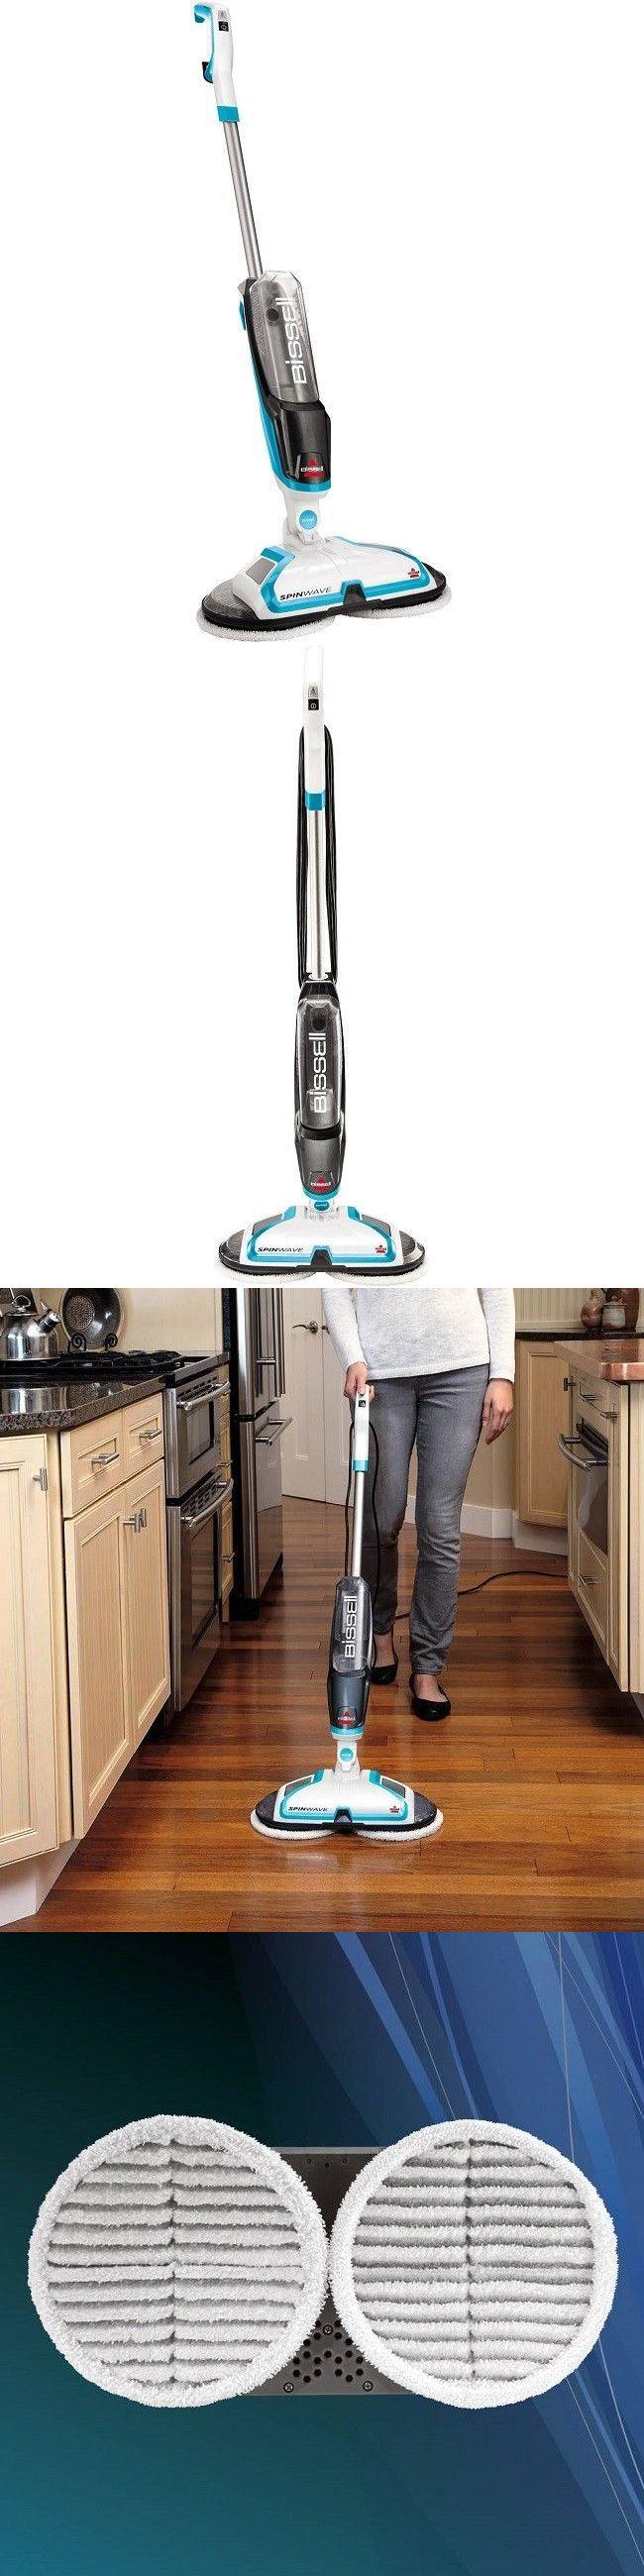 Top 25 Best Floor Cleaners Ideas On Pinterest Diy Floor